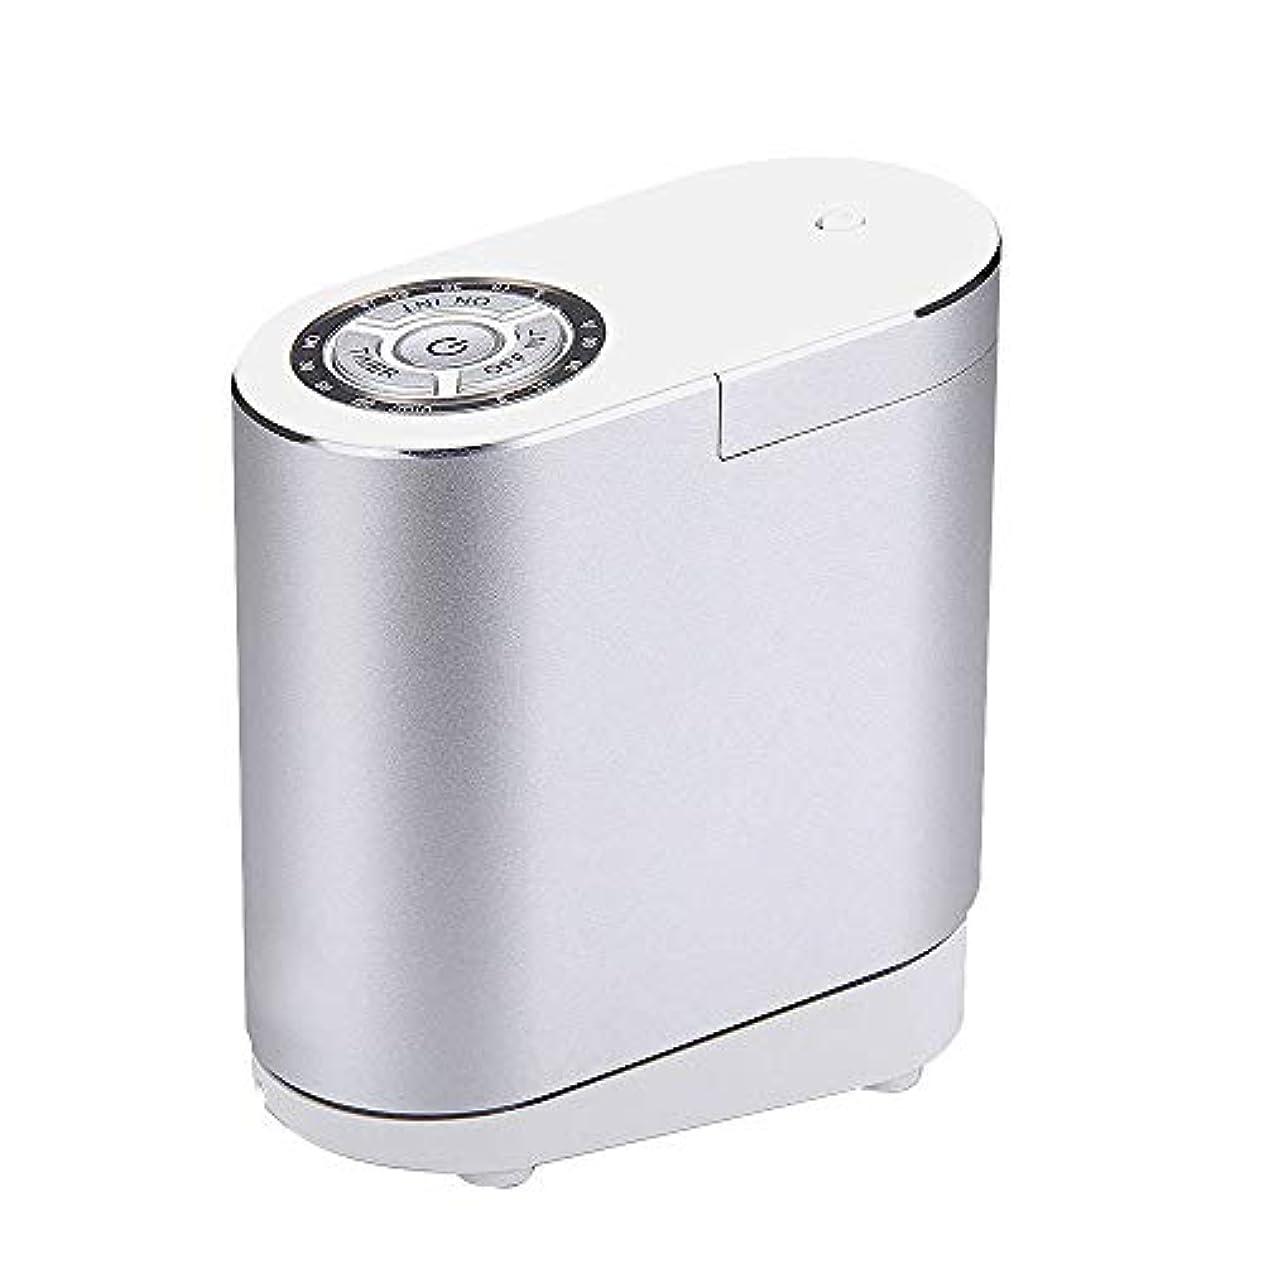 遺跡スタウト白い精油の拡散器、総本店の寝室部屋のための携帯用超音波拡散器の涼しい霧の加湿器,silver30ML